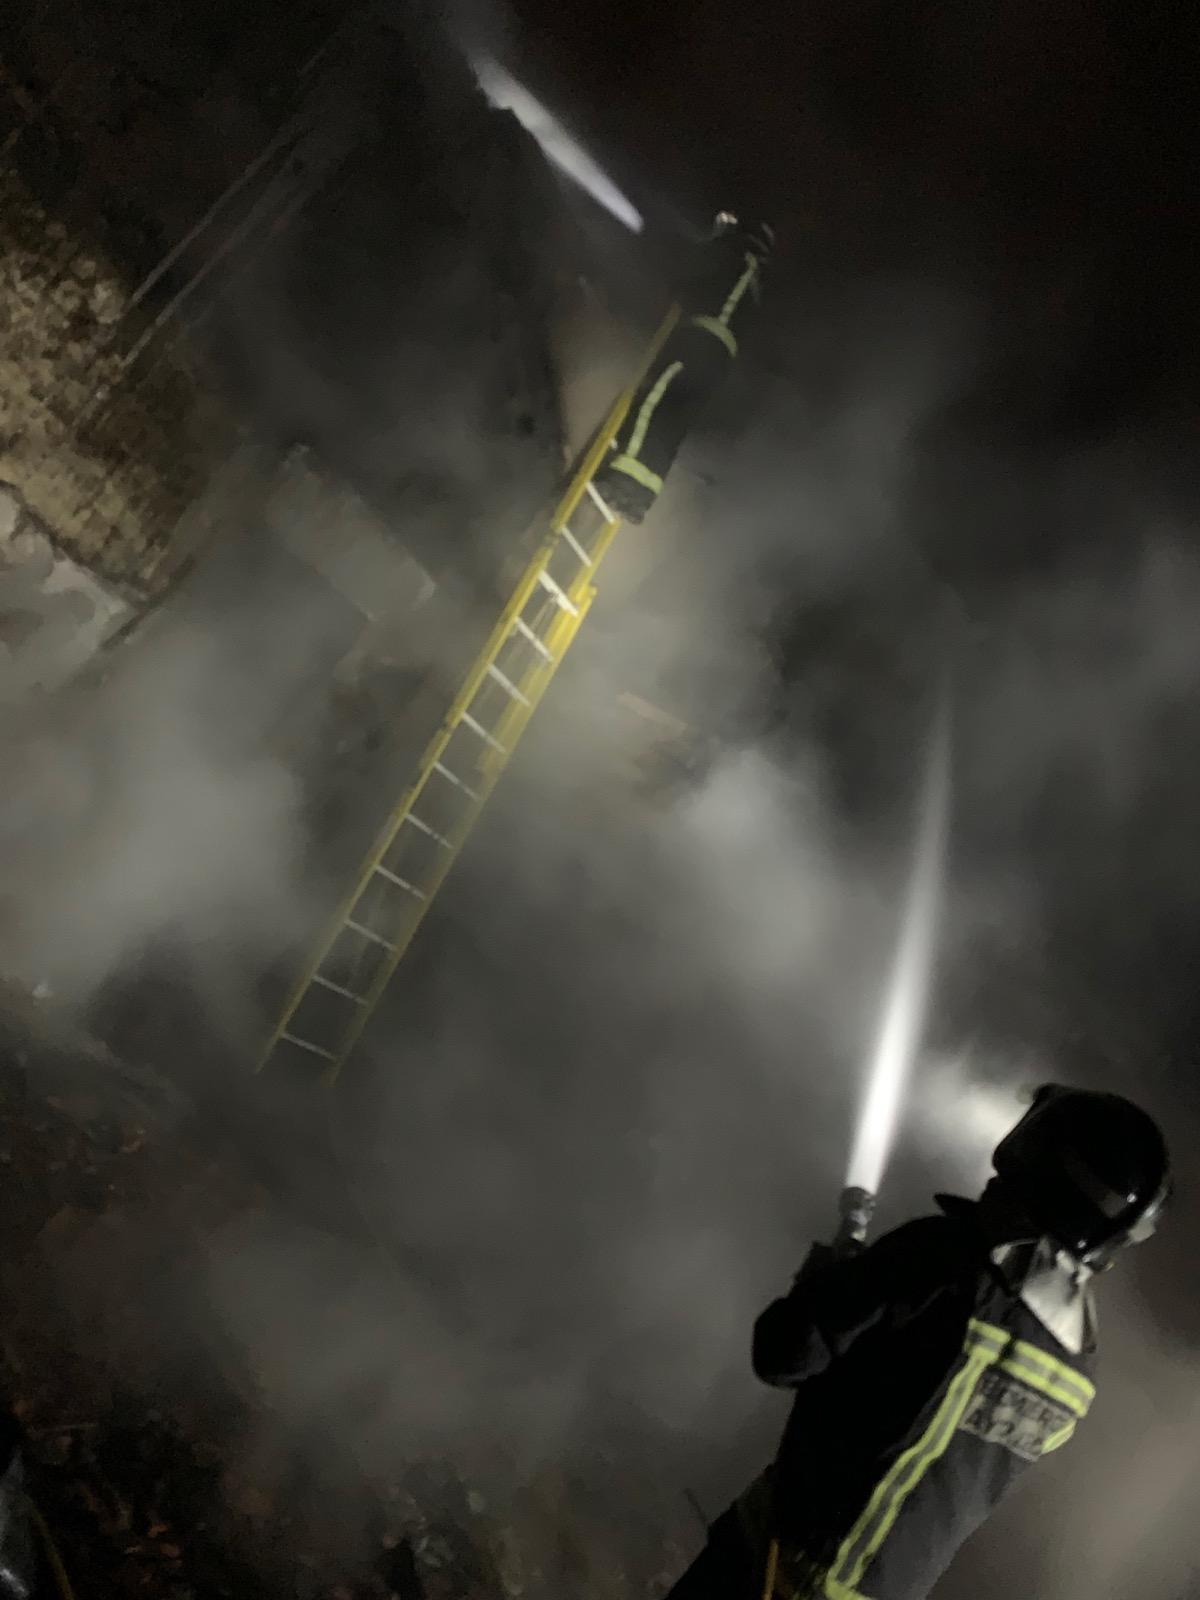 Incendio en Huerga de Garaballes